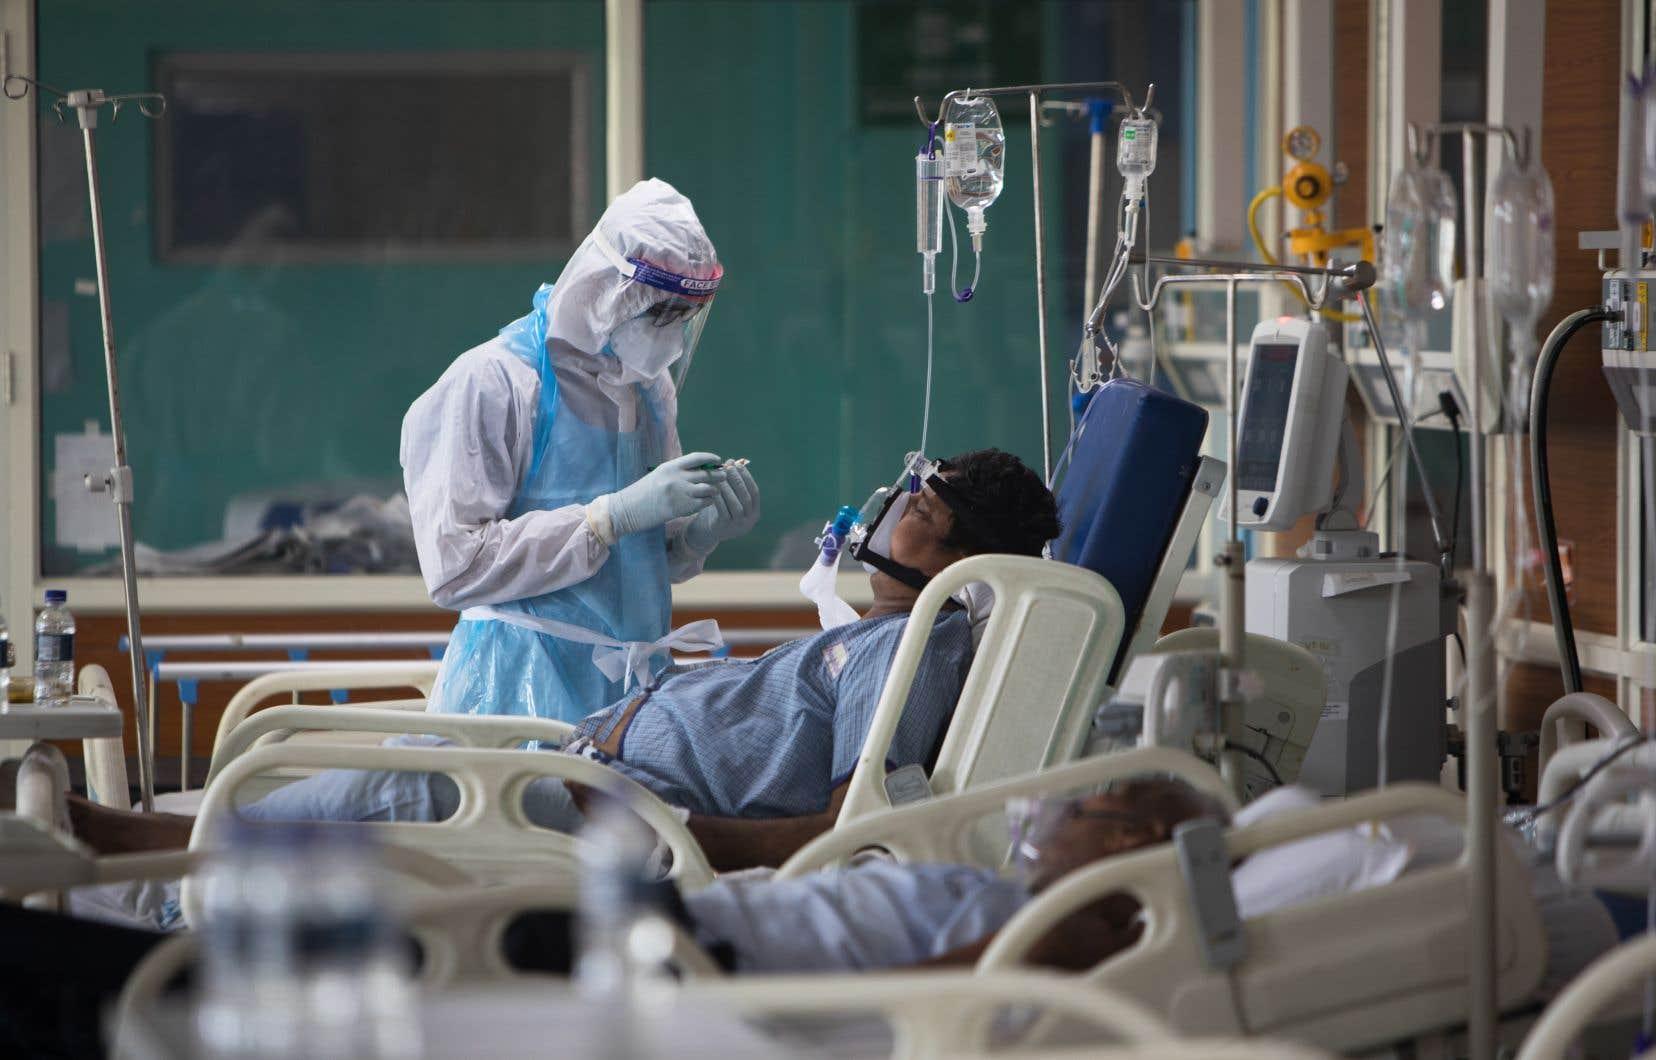 Une unité de soins intensifs à l'hôpital Sharda, dans la ville de Greater Noida, près de New Dehli, en Inde